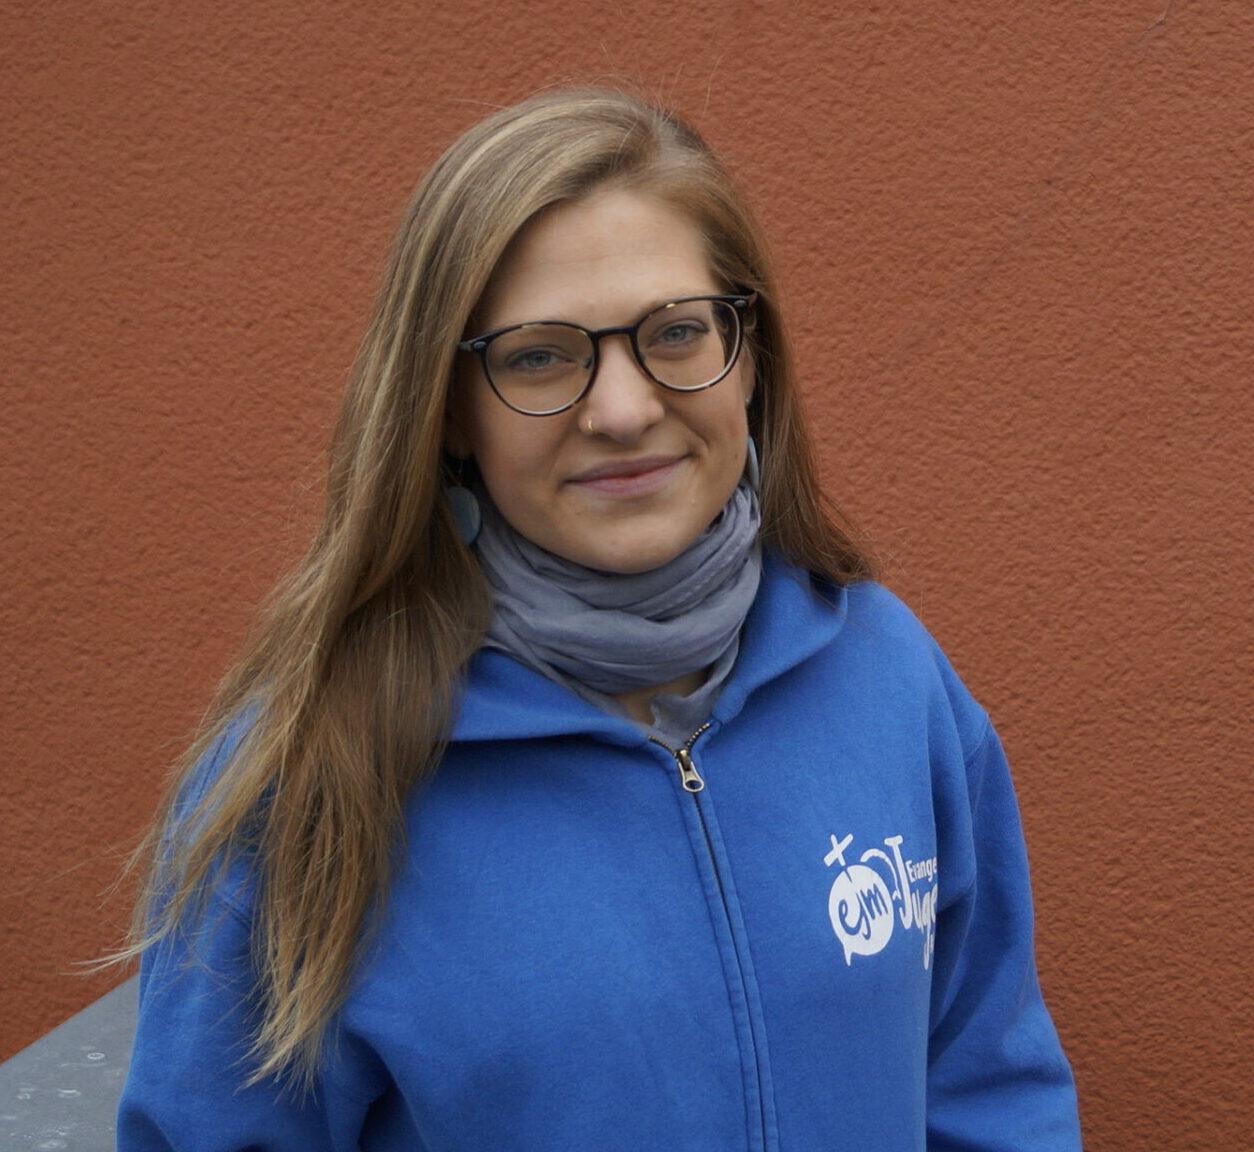 Melanie Neitzel